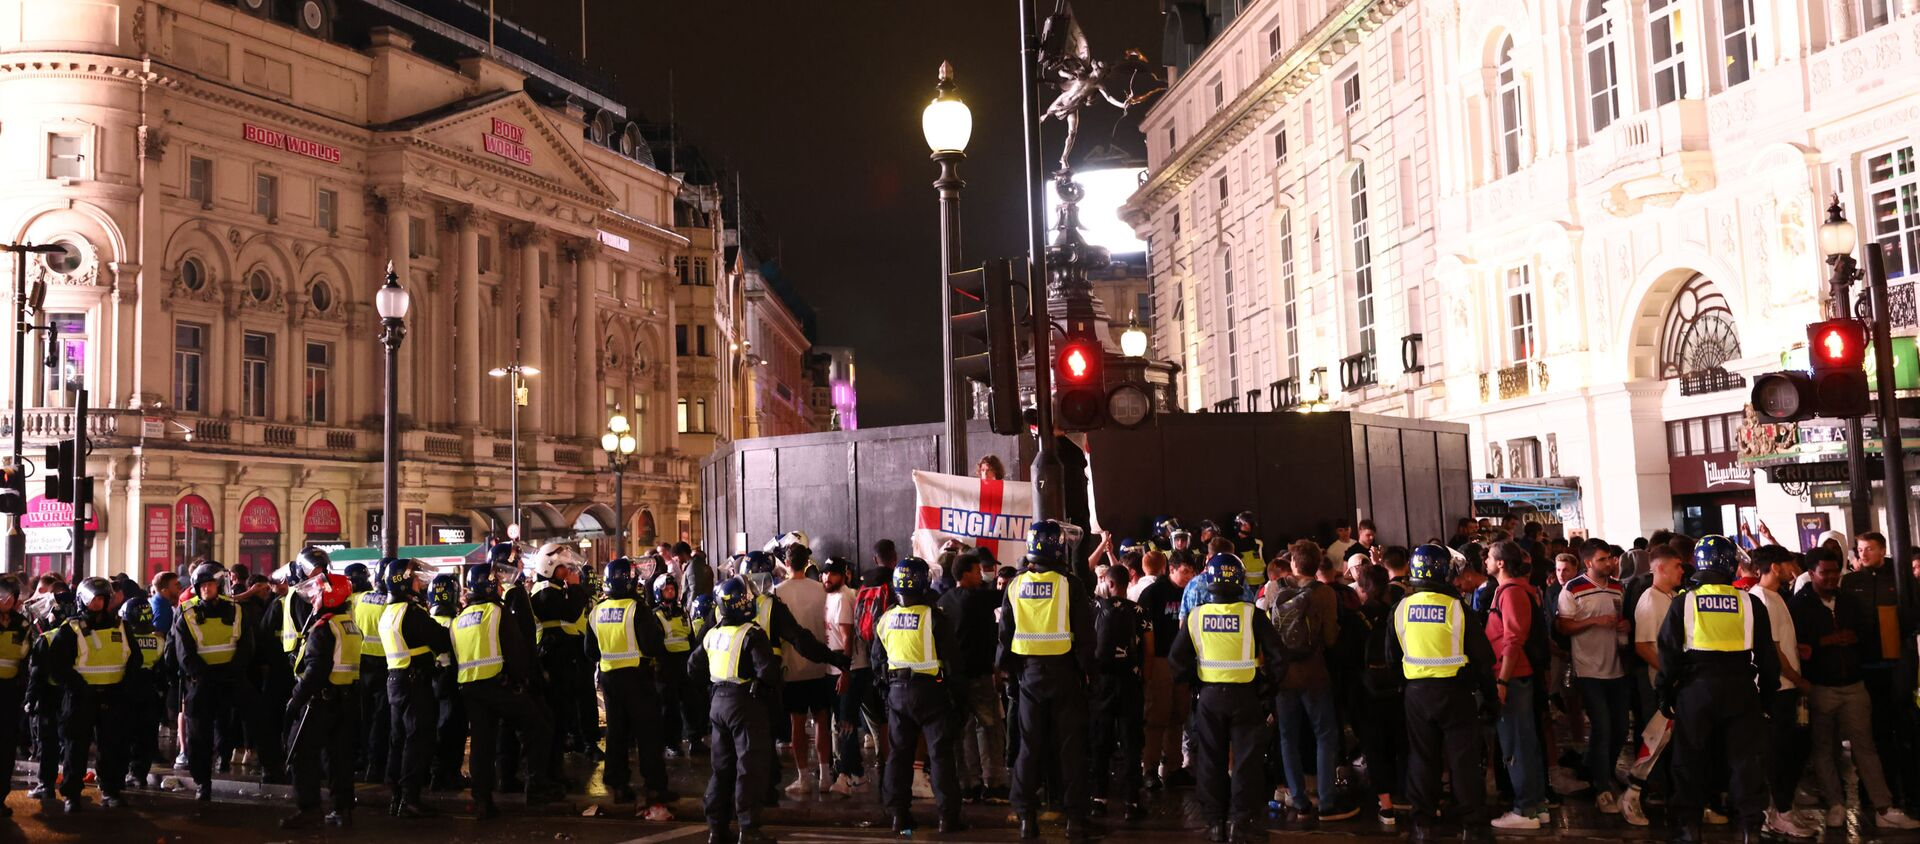 Cảnh sát kiềm chế đám đông cổ động viên ở London sau thất bại của đội tuyển Anh trong trận chung kết EURO 2020 - Sputnik Việt Nam, 1920, 12.07.2021